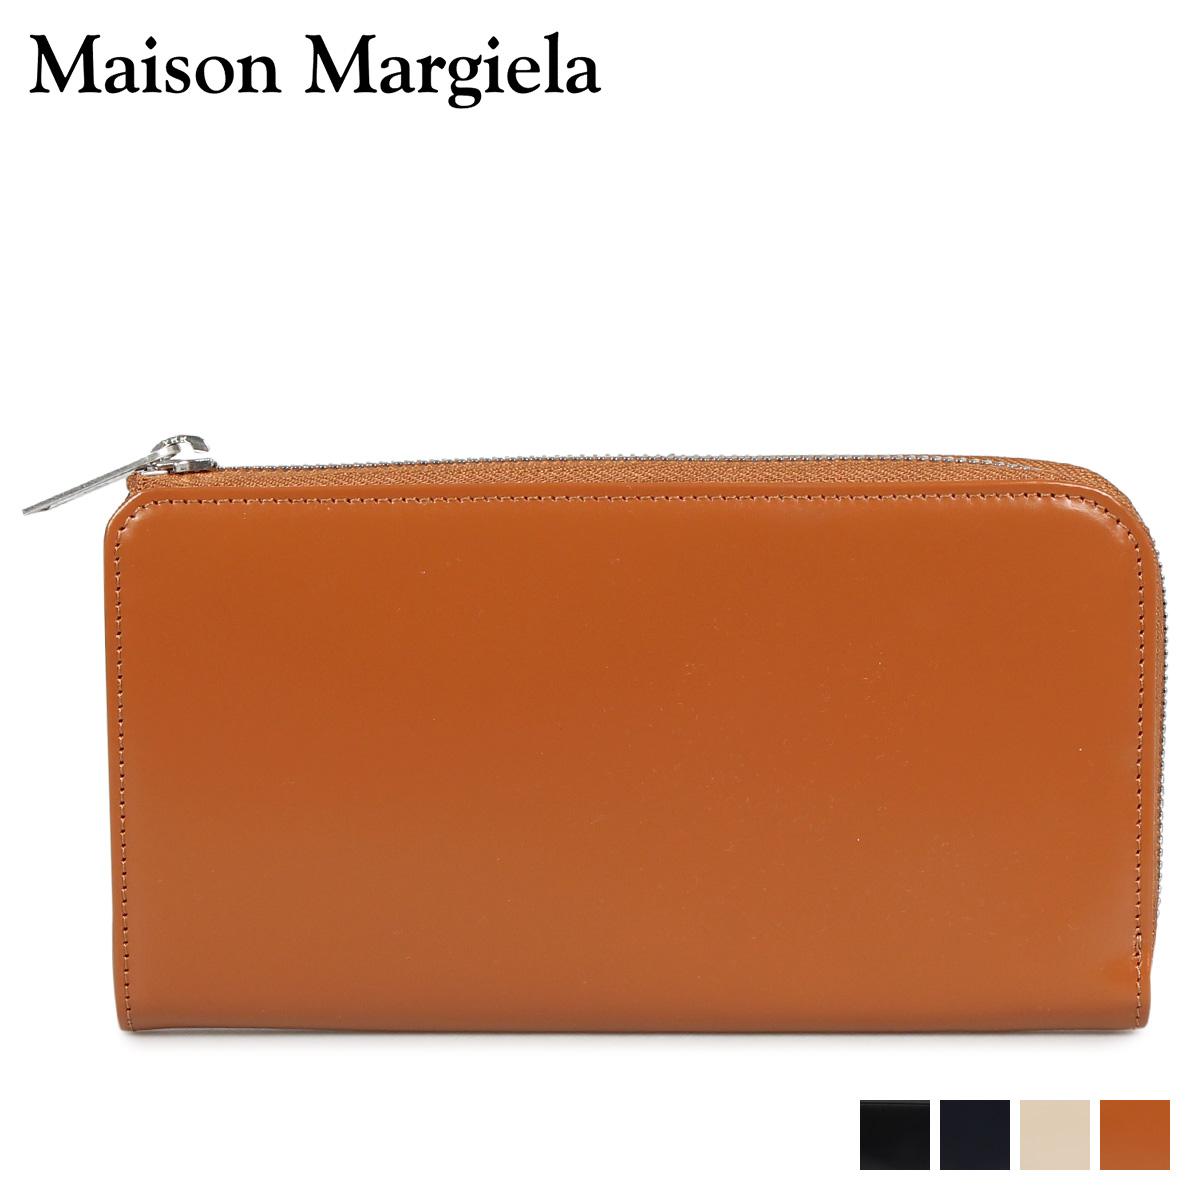 MAISON MARGIELA メゾンマルジェラ 財布 長財布 メンズ レディース L字ファスナー LONG WALLET レザー ブラック ダーク ネイビー ベージュ ブラウン 黒 S35UI0431 P2714